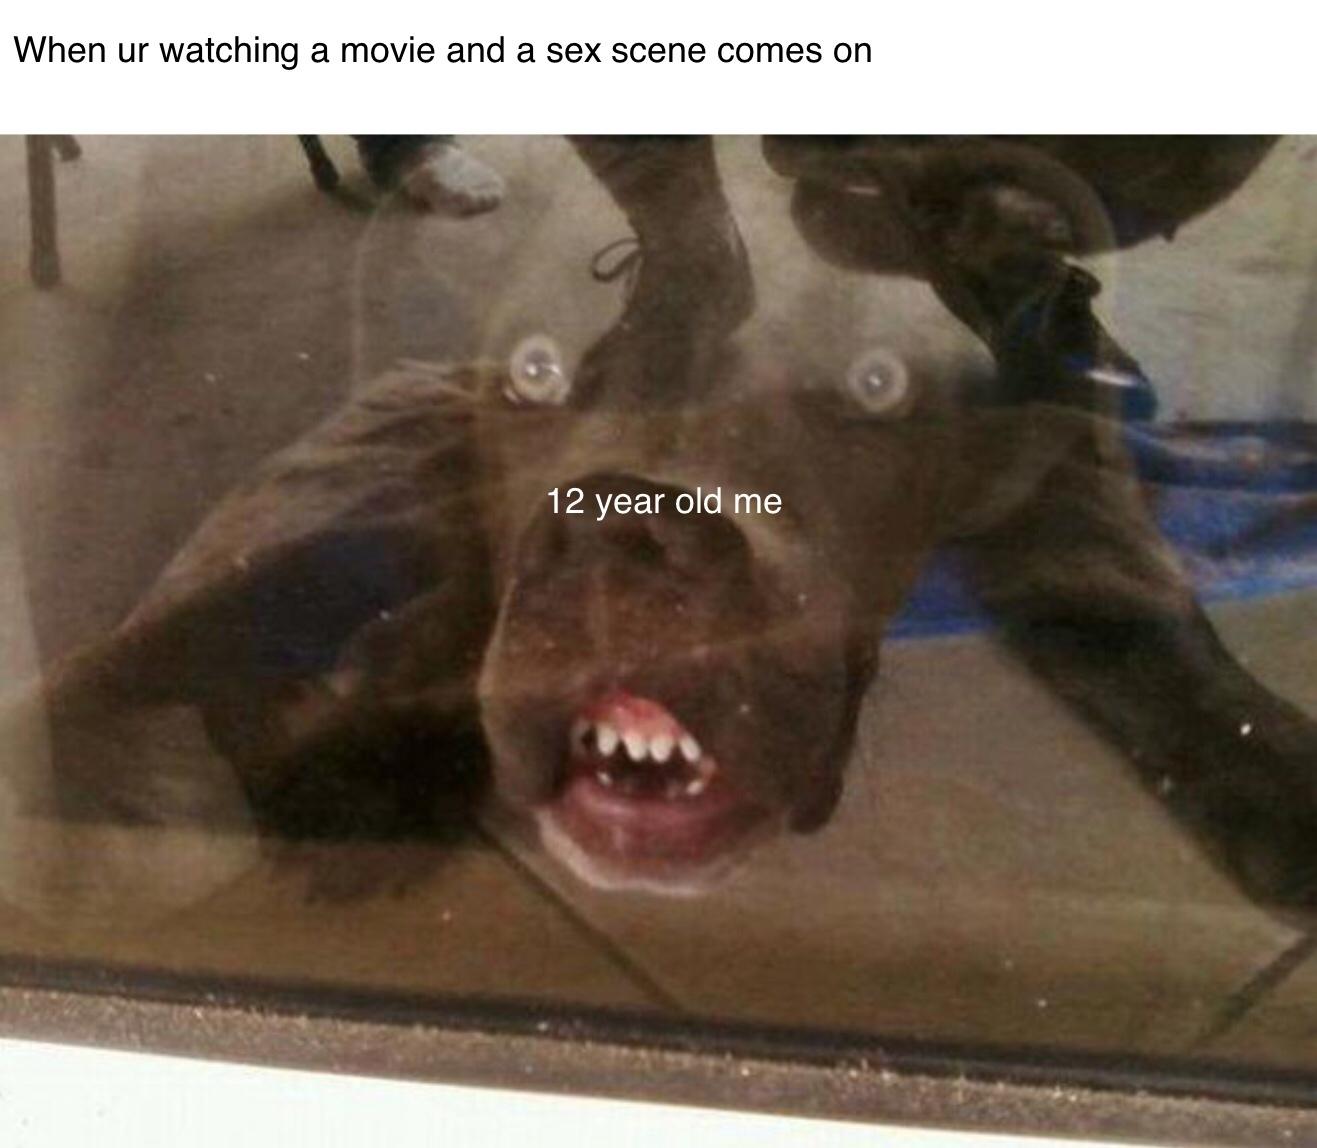 12 year old me - meme